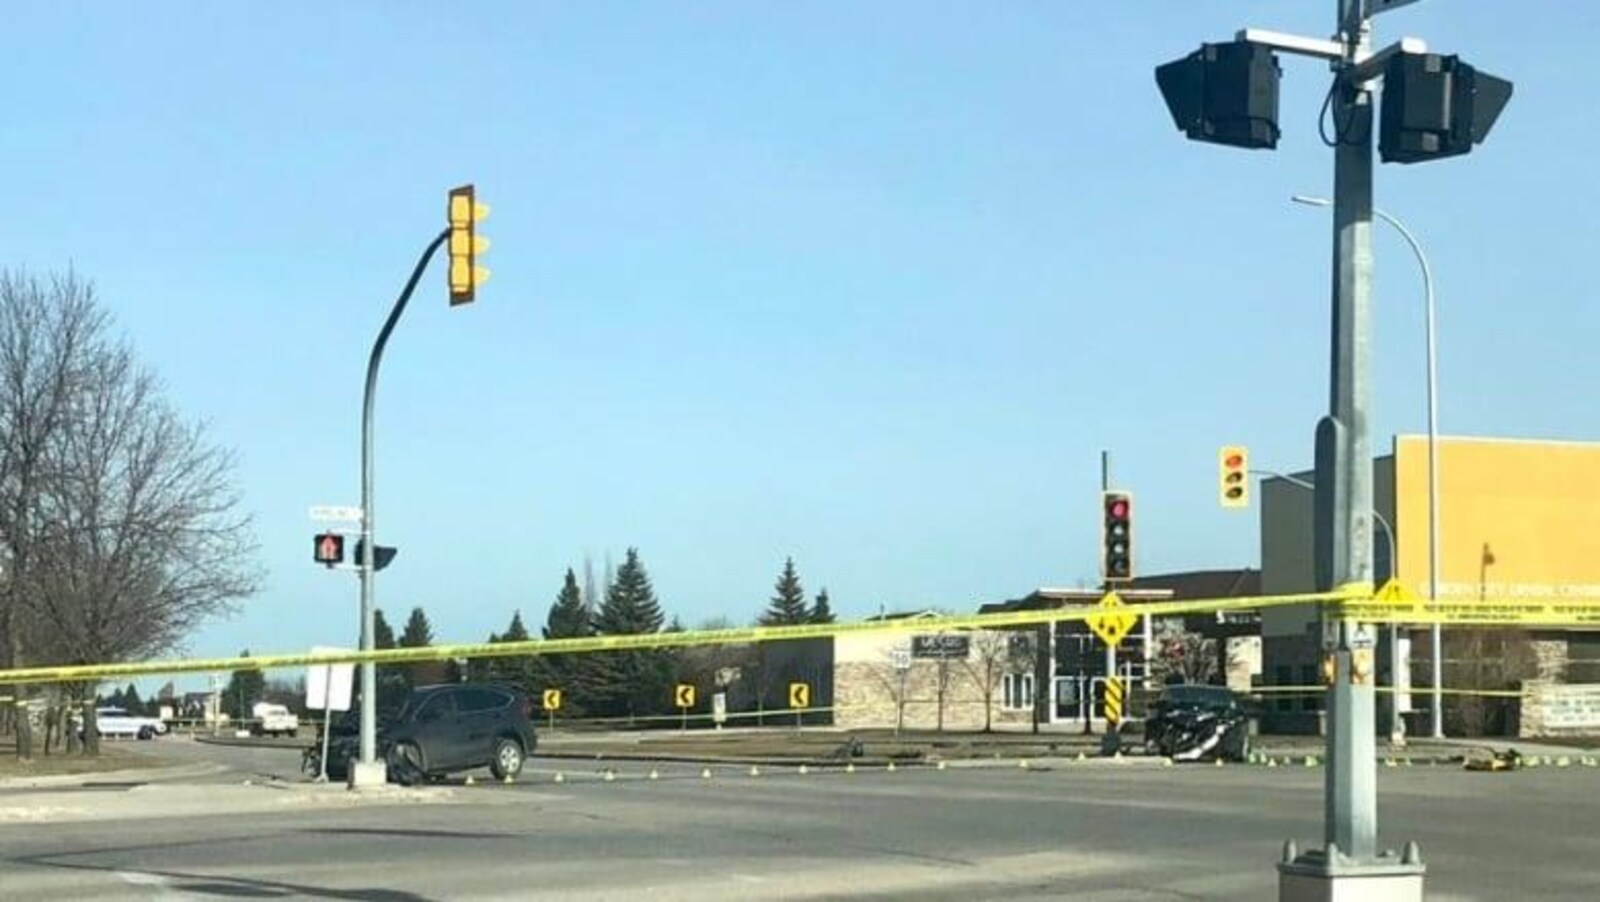 Une intersection, dans le nord-ouest de Winnipeg, où se trouvent deux véhicules impliqués dans une collision frontale.